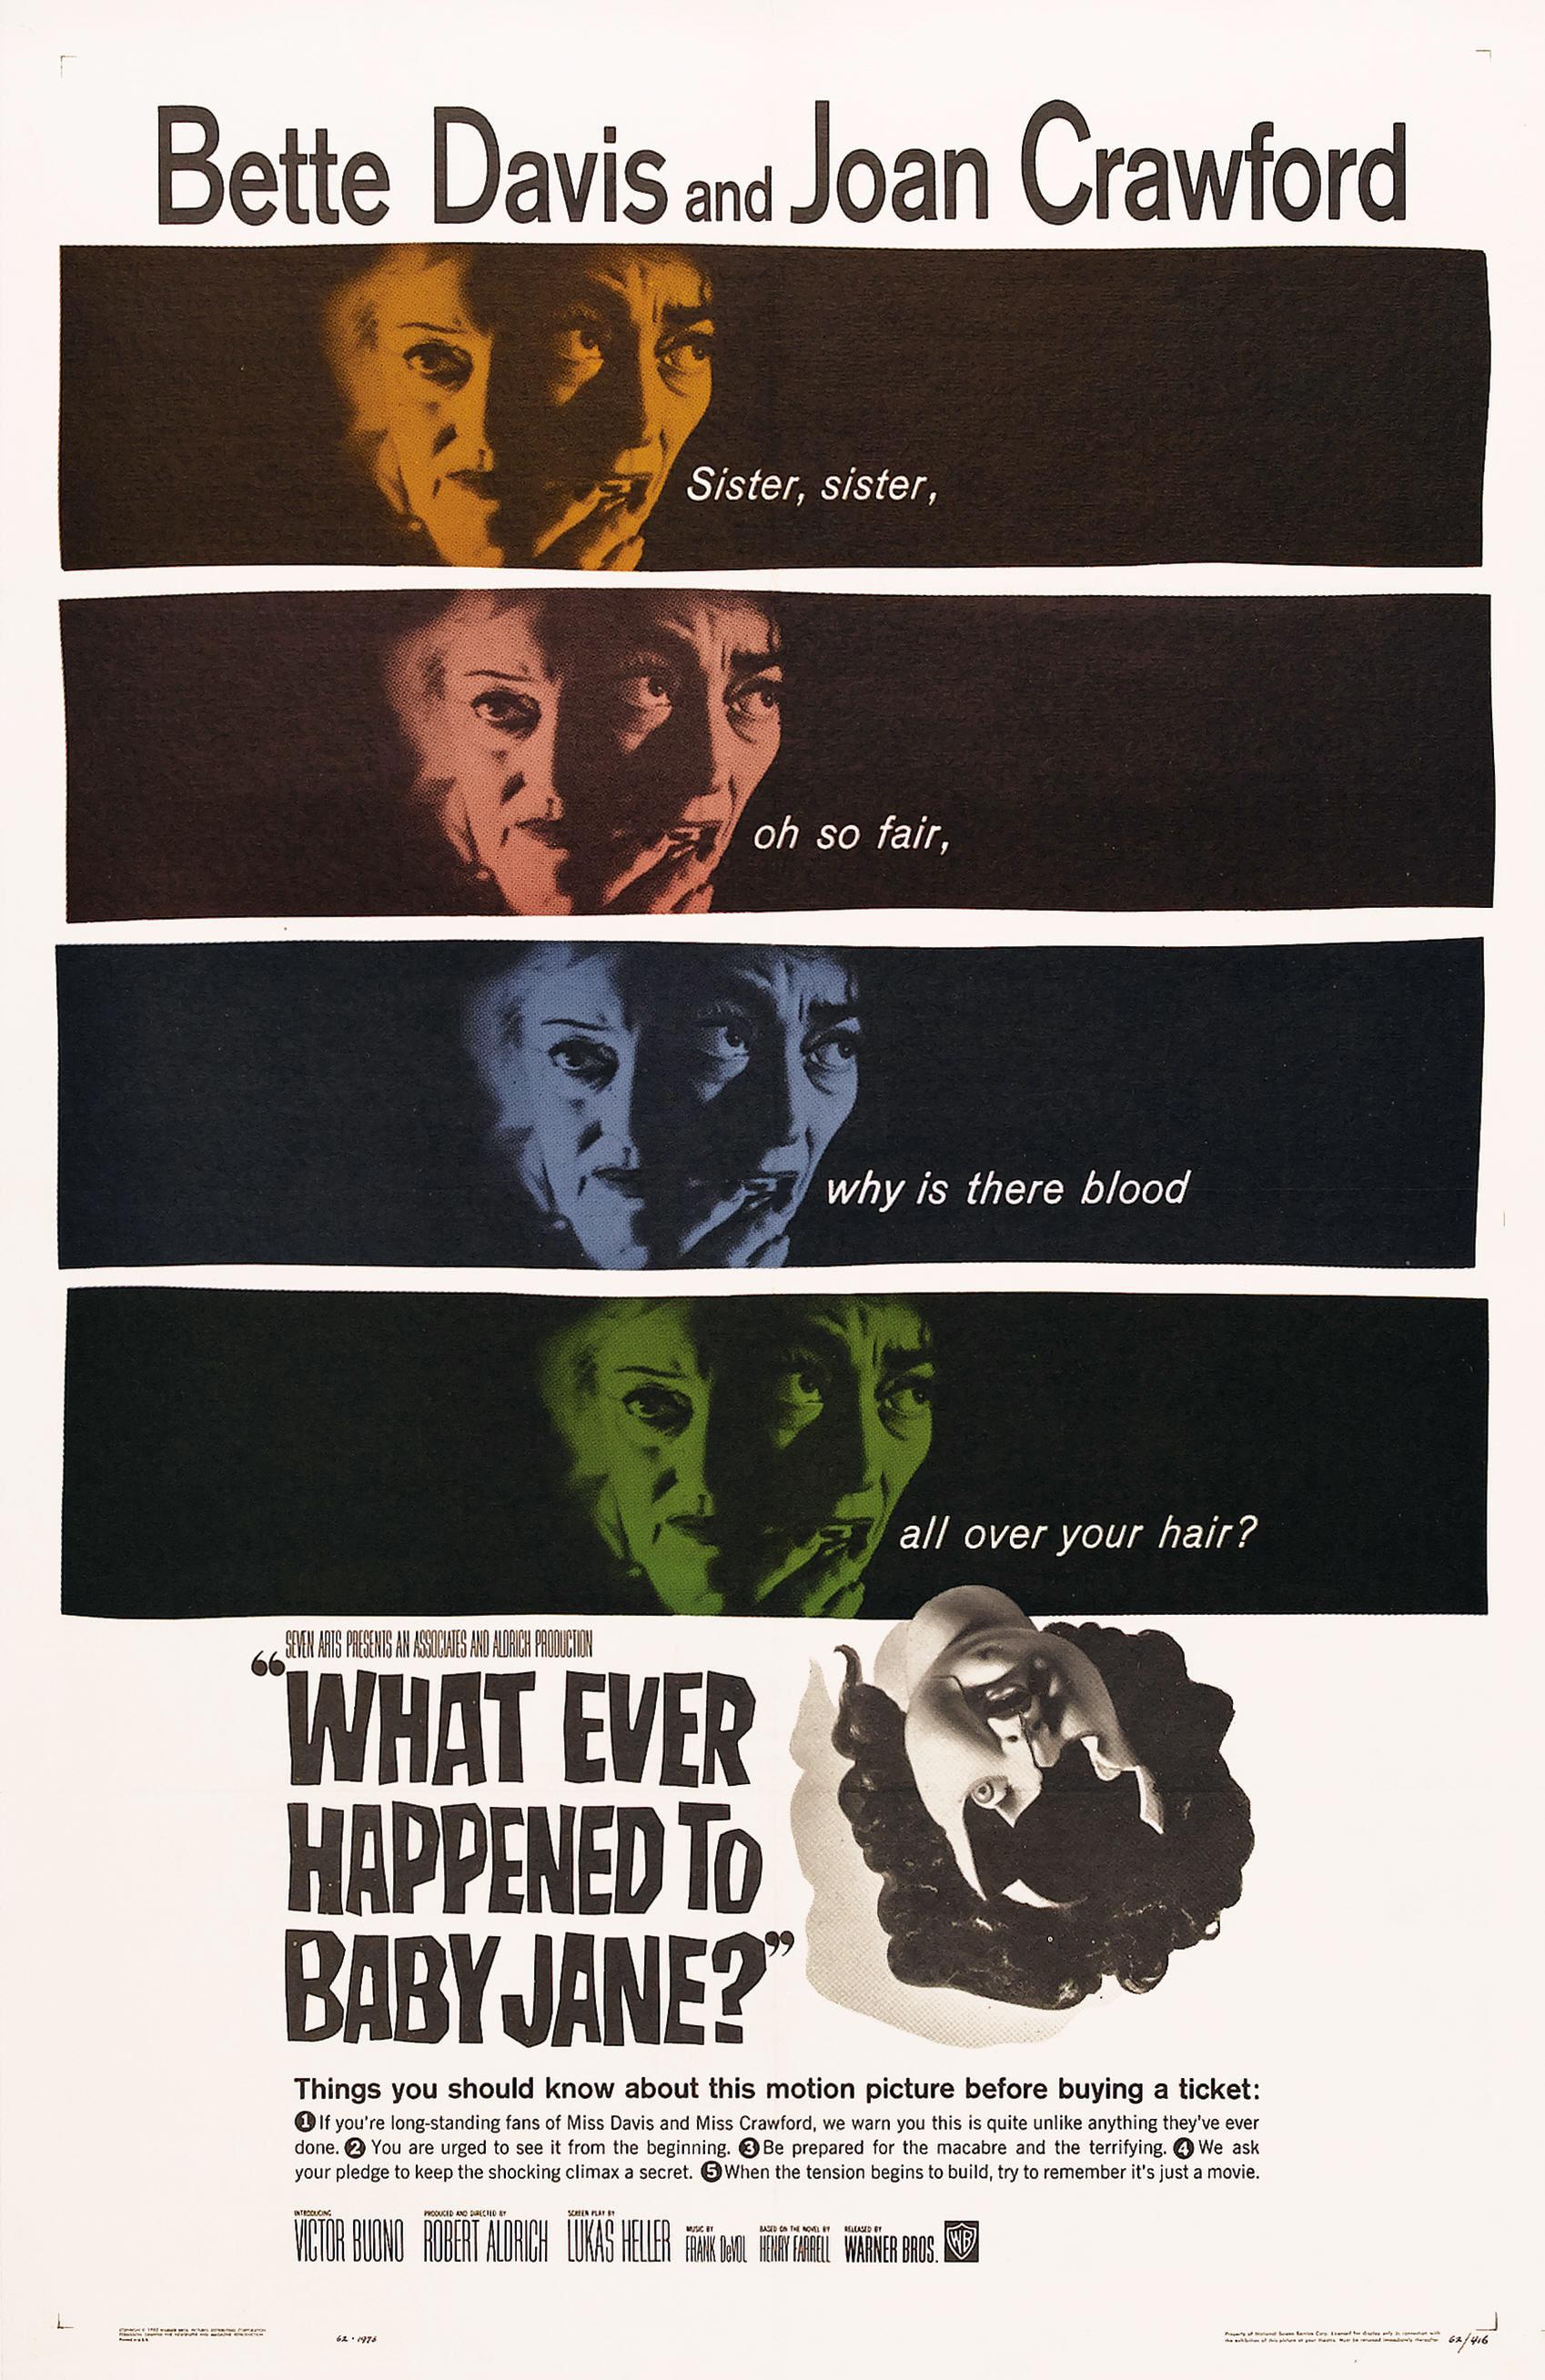 O que Terá Acontecido a Baby Jane? [Dub] – IMDB 8.1